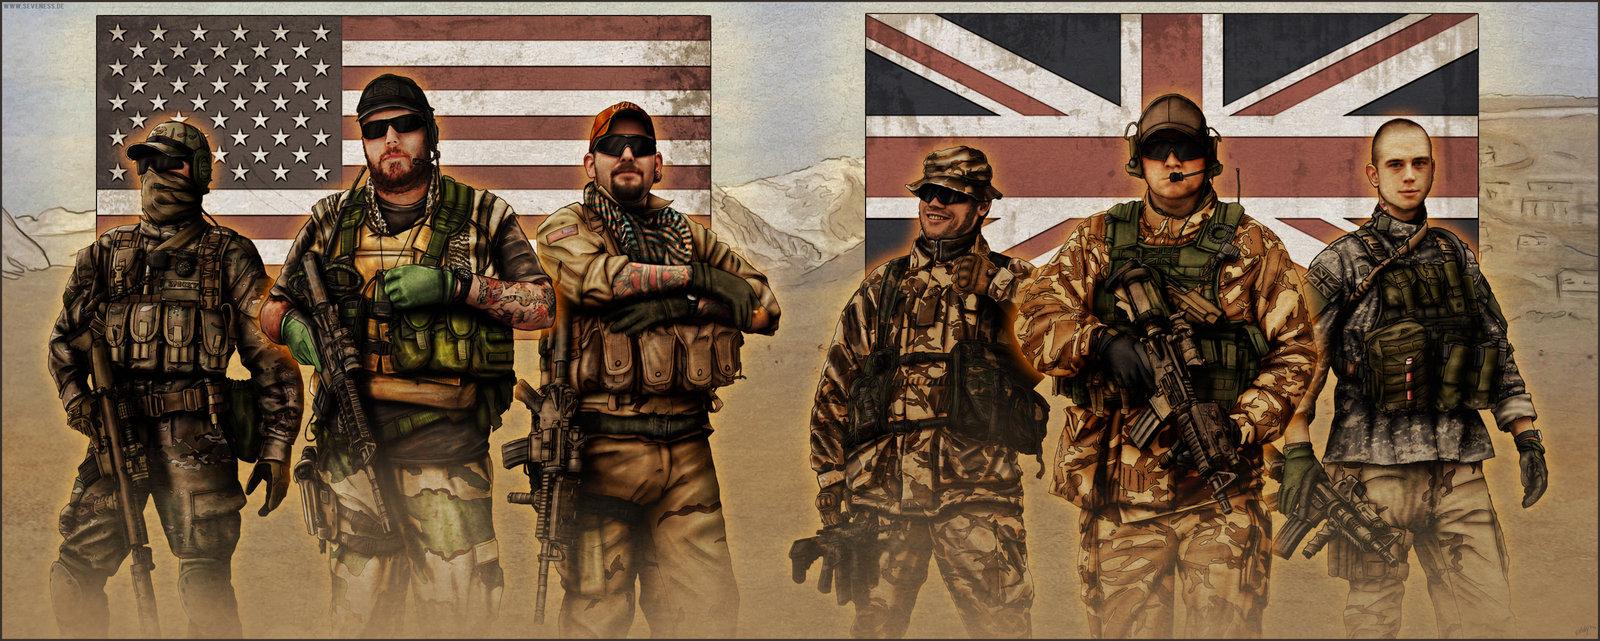 обои для рабочего стола, американские и английские, британские солдаты, american US soldier wallpaper